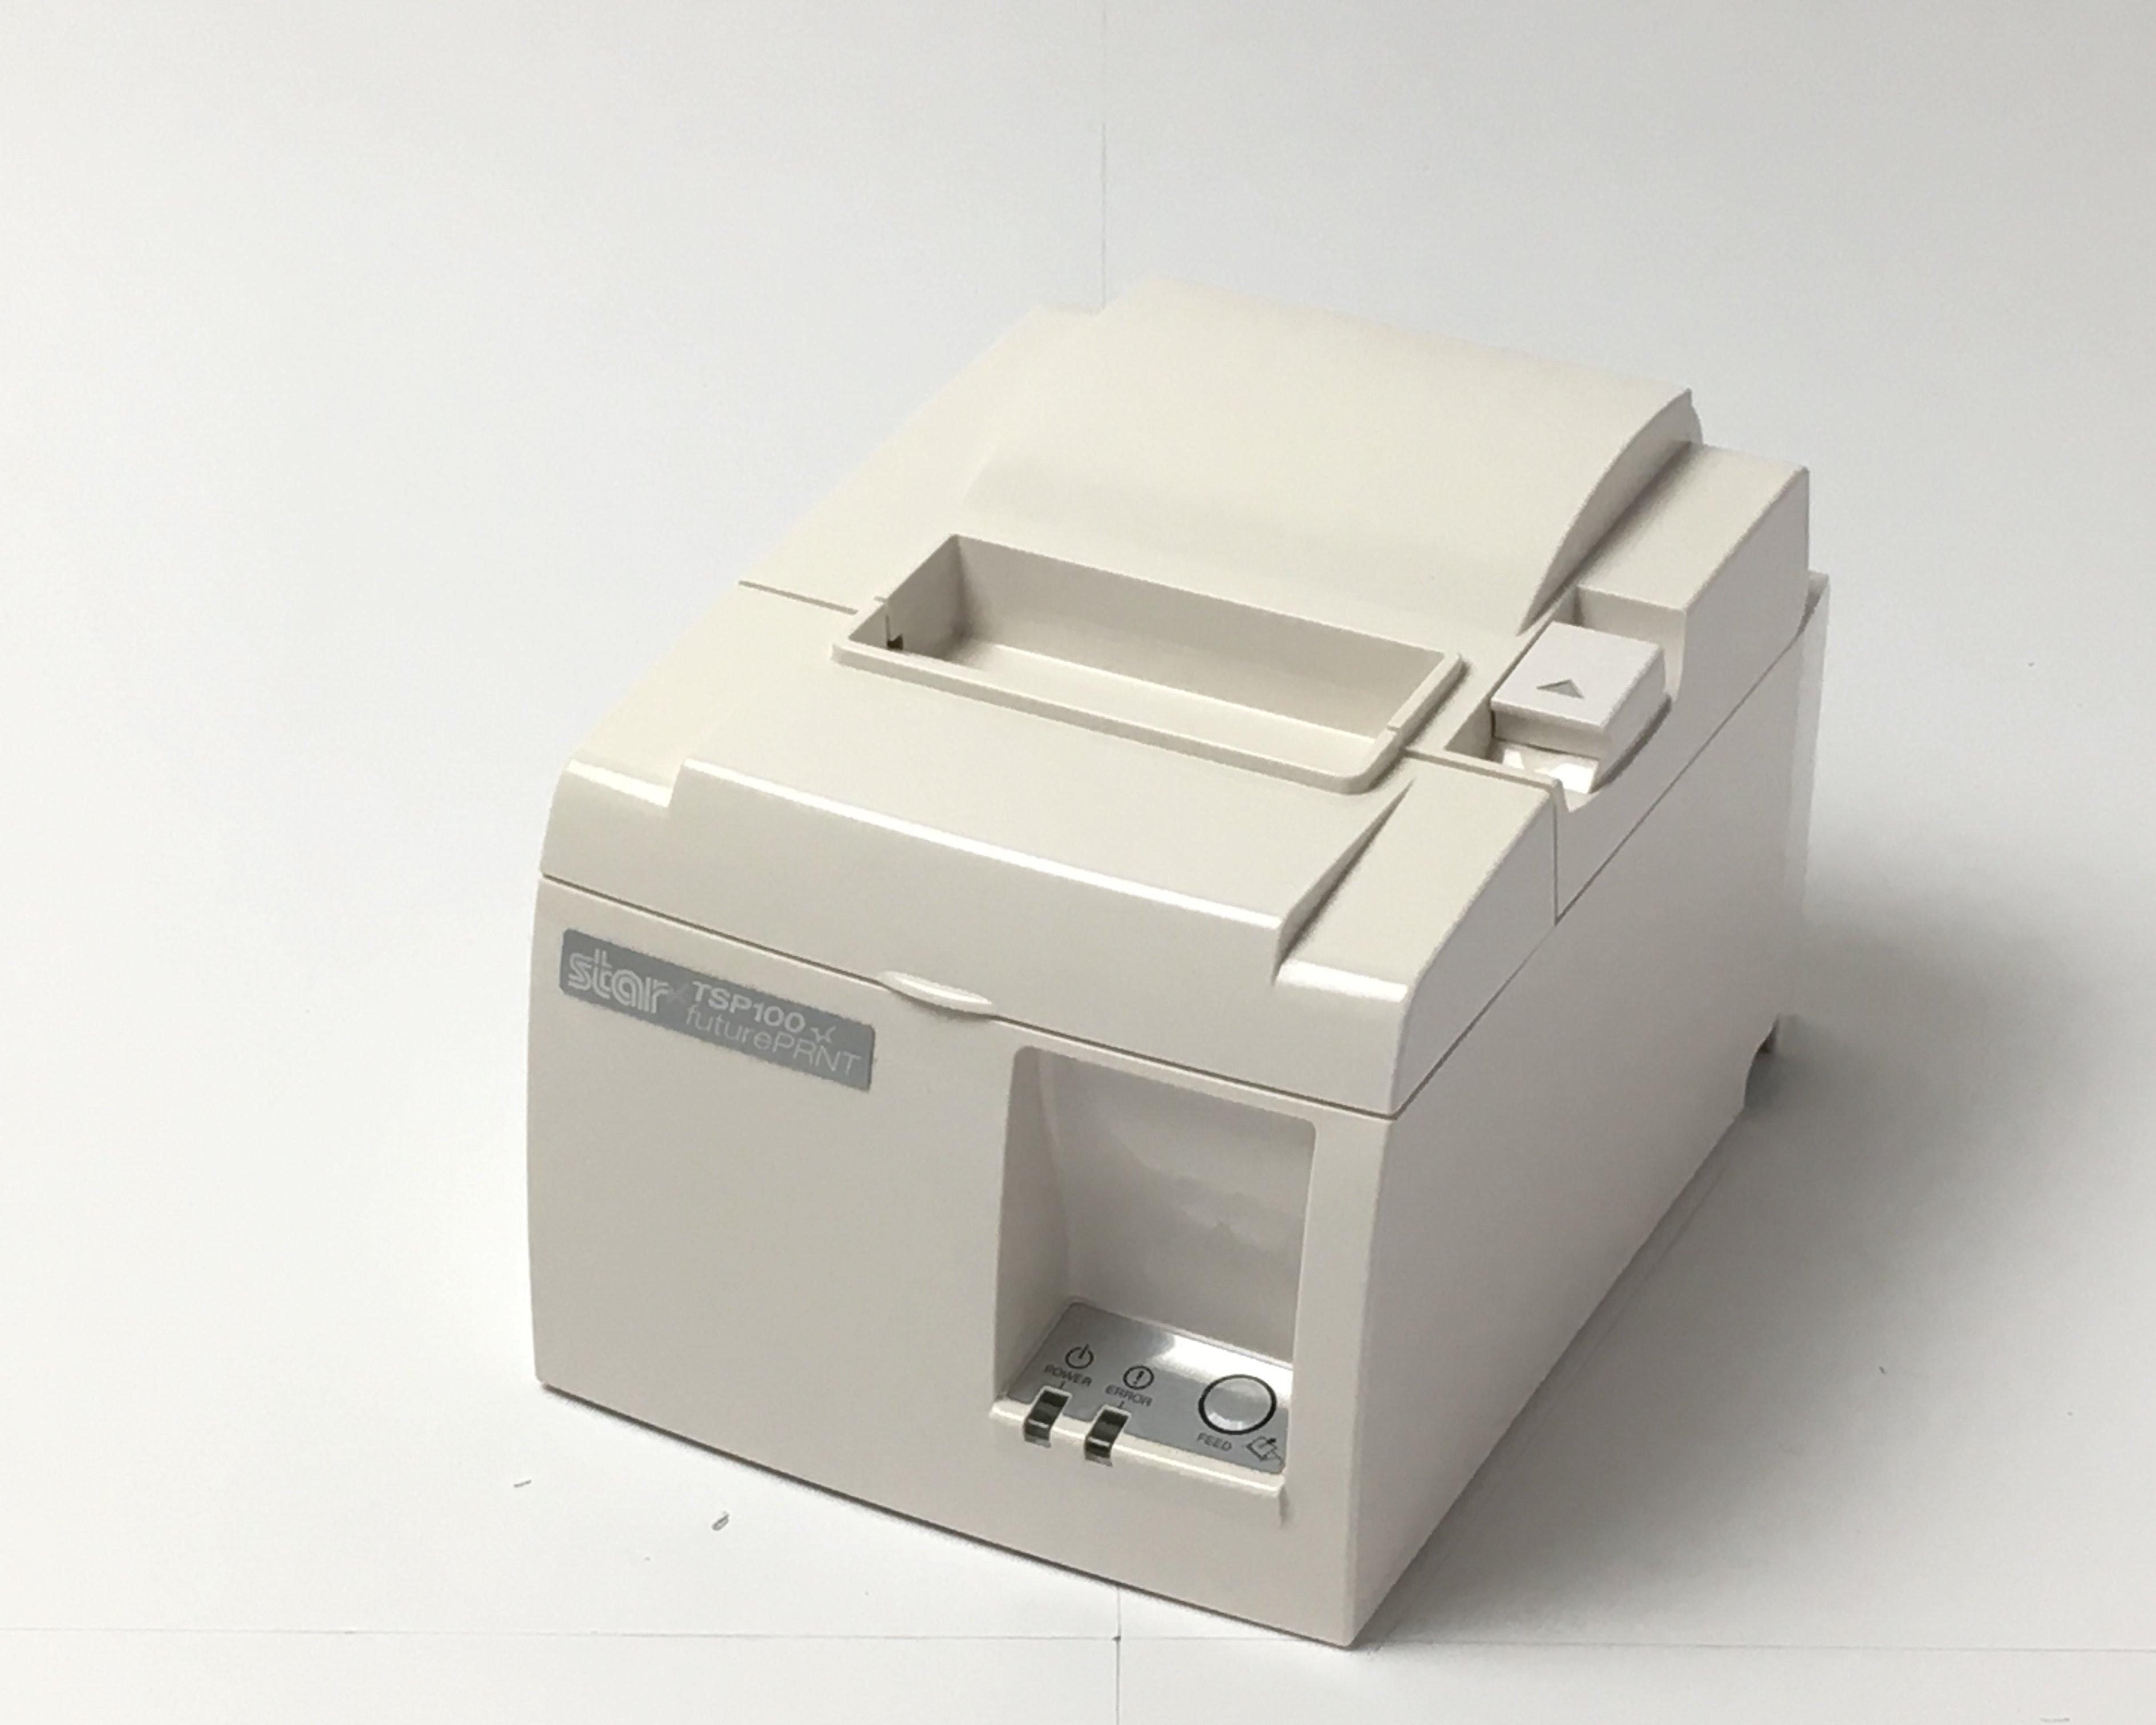 【中古】Starレシートプリンタ TSP143GT(USB/80mm)ホワイト メイン画像